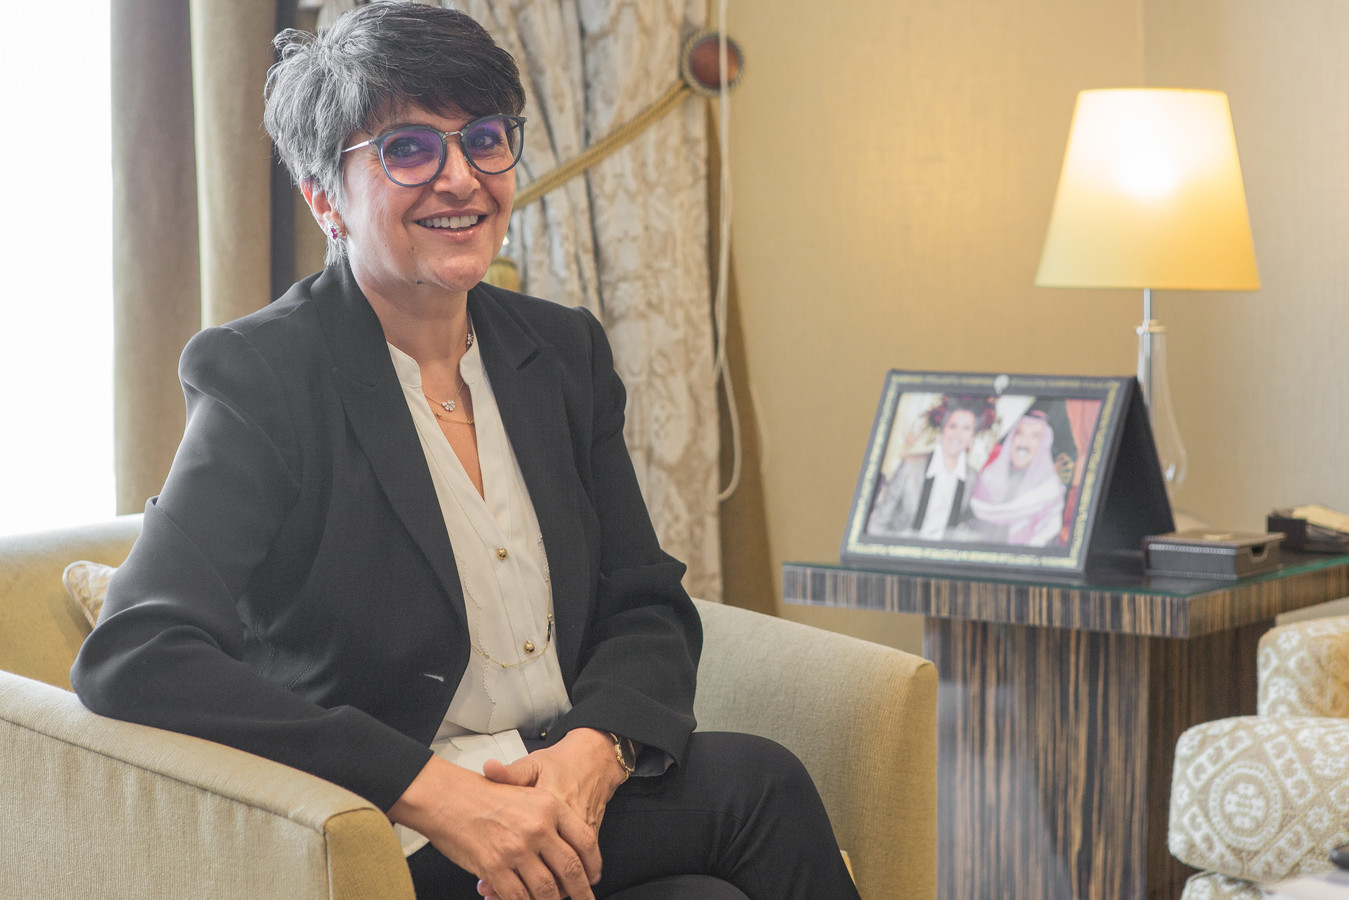 Safa al-Hashem verloor haar zetel bij de verkiezingen.